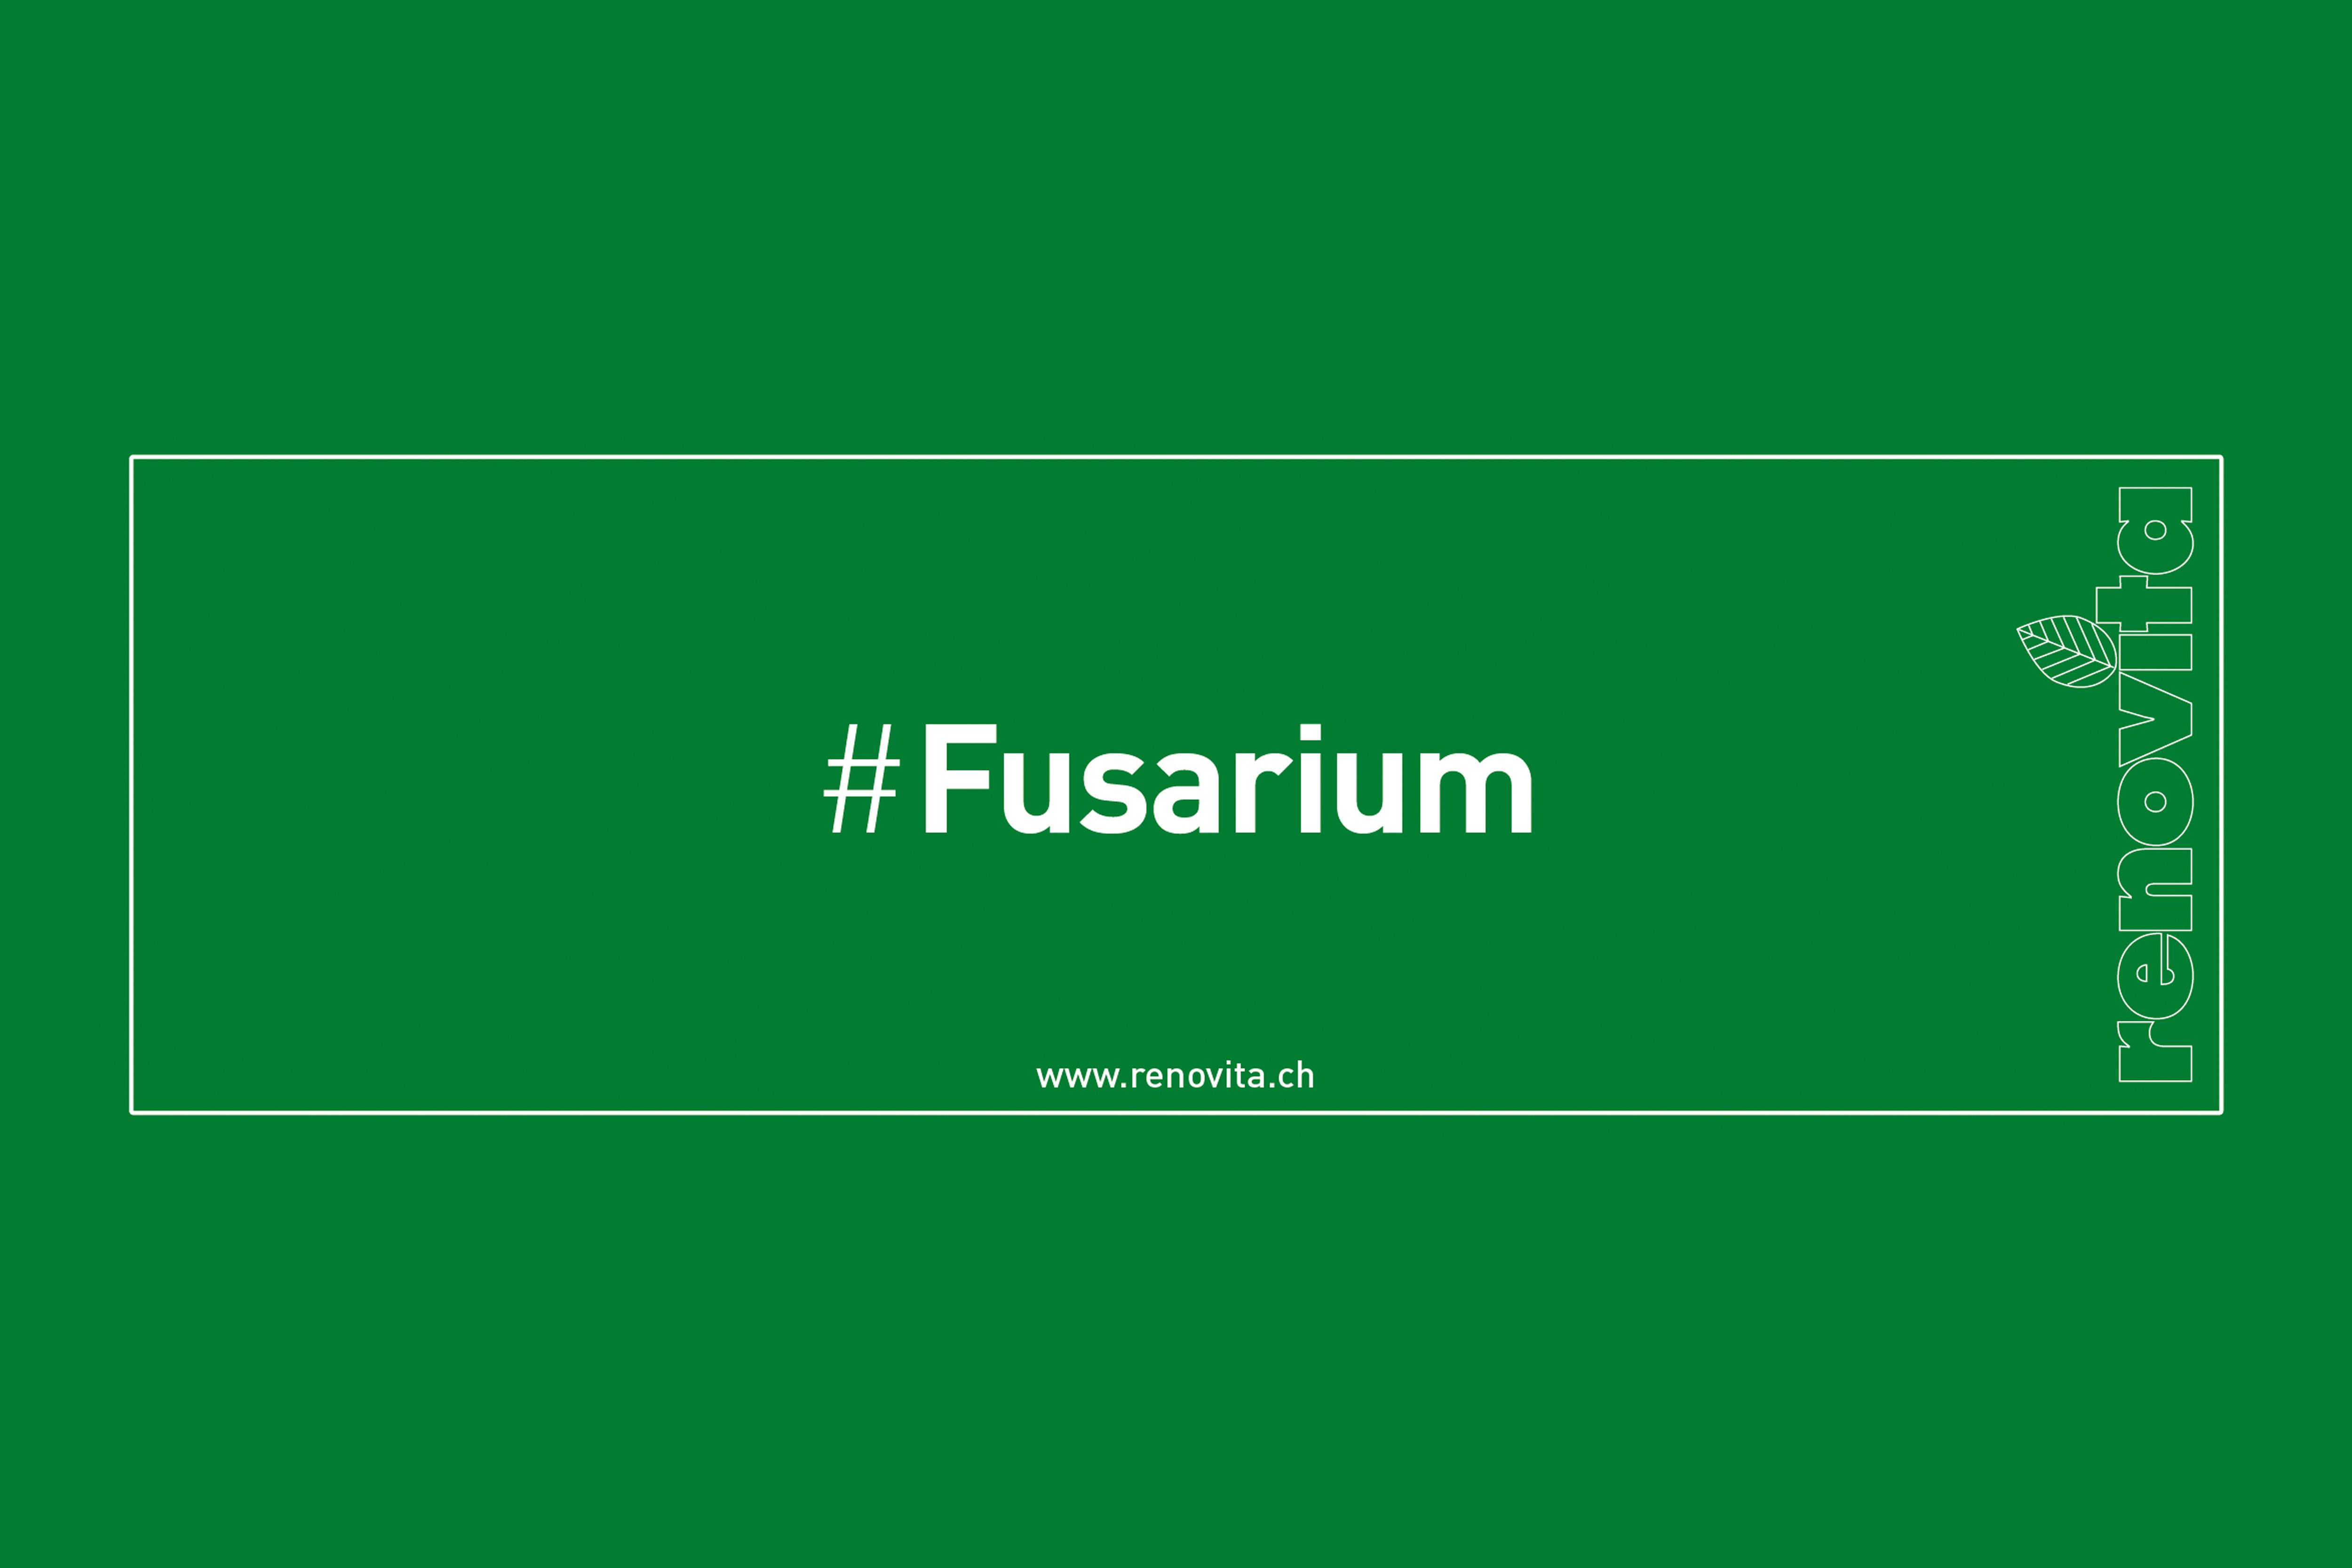 #Fusarium